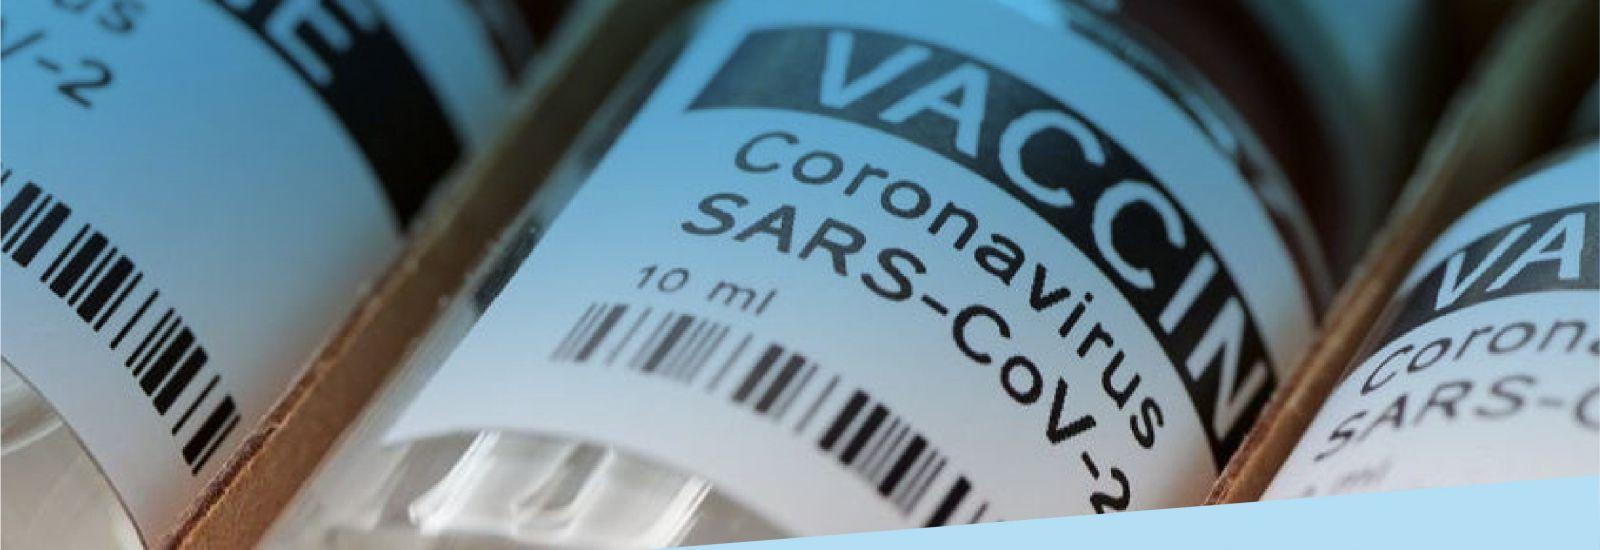 Vials of the Coronavirus SARS-CoV-2 vaccine